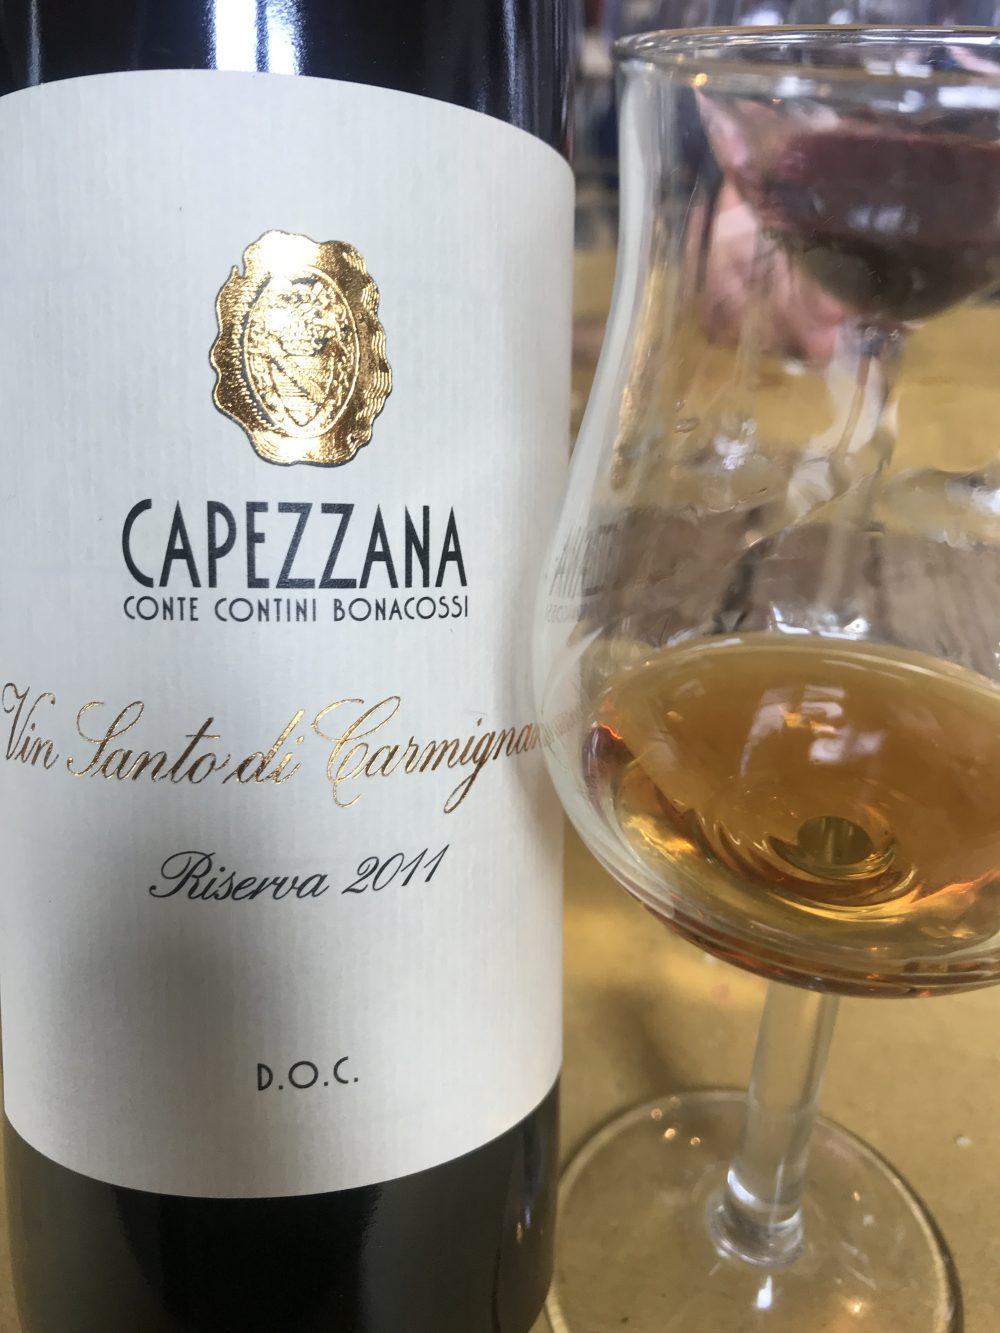 Verticale di Trefiano - Vin Santo di Carmignano Riserva di Capezzana